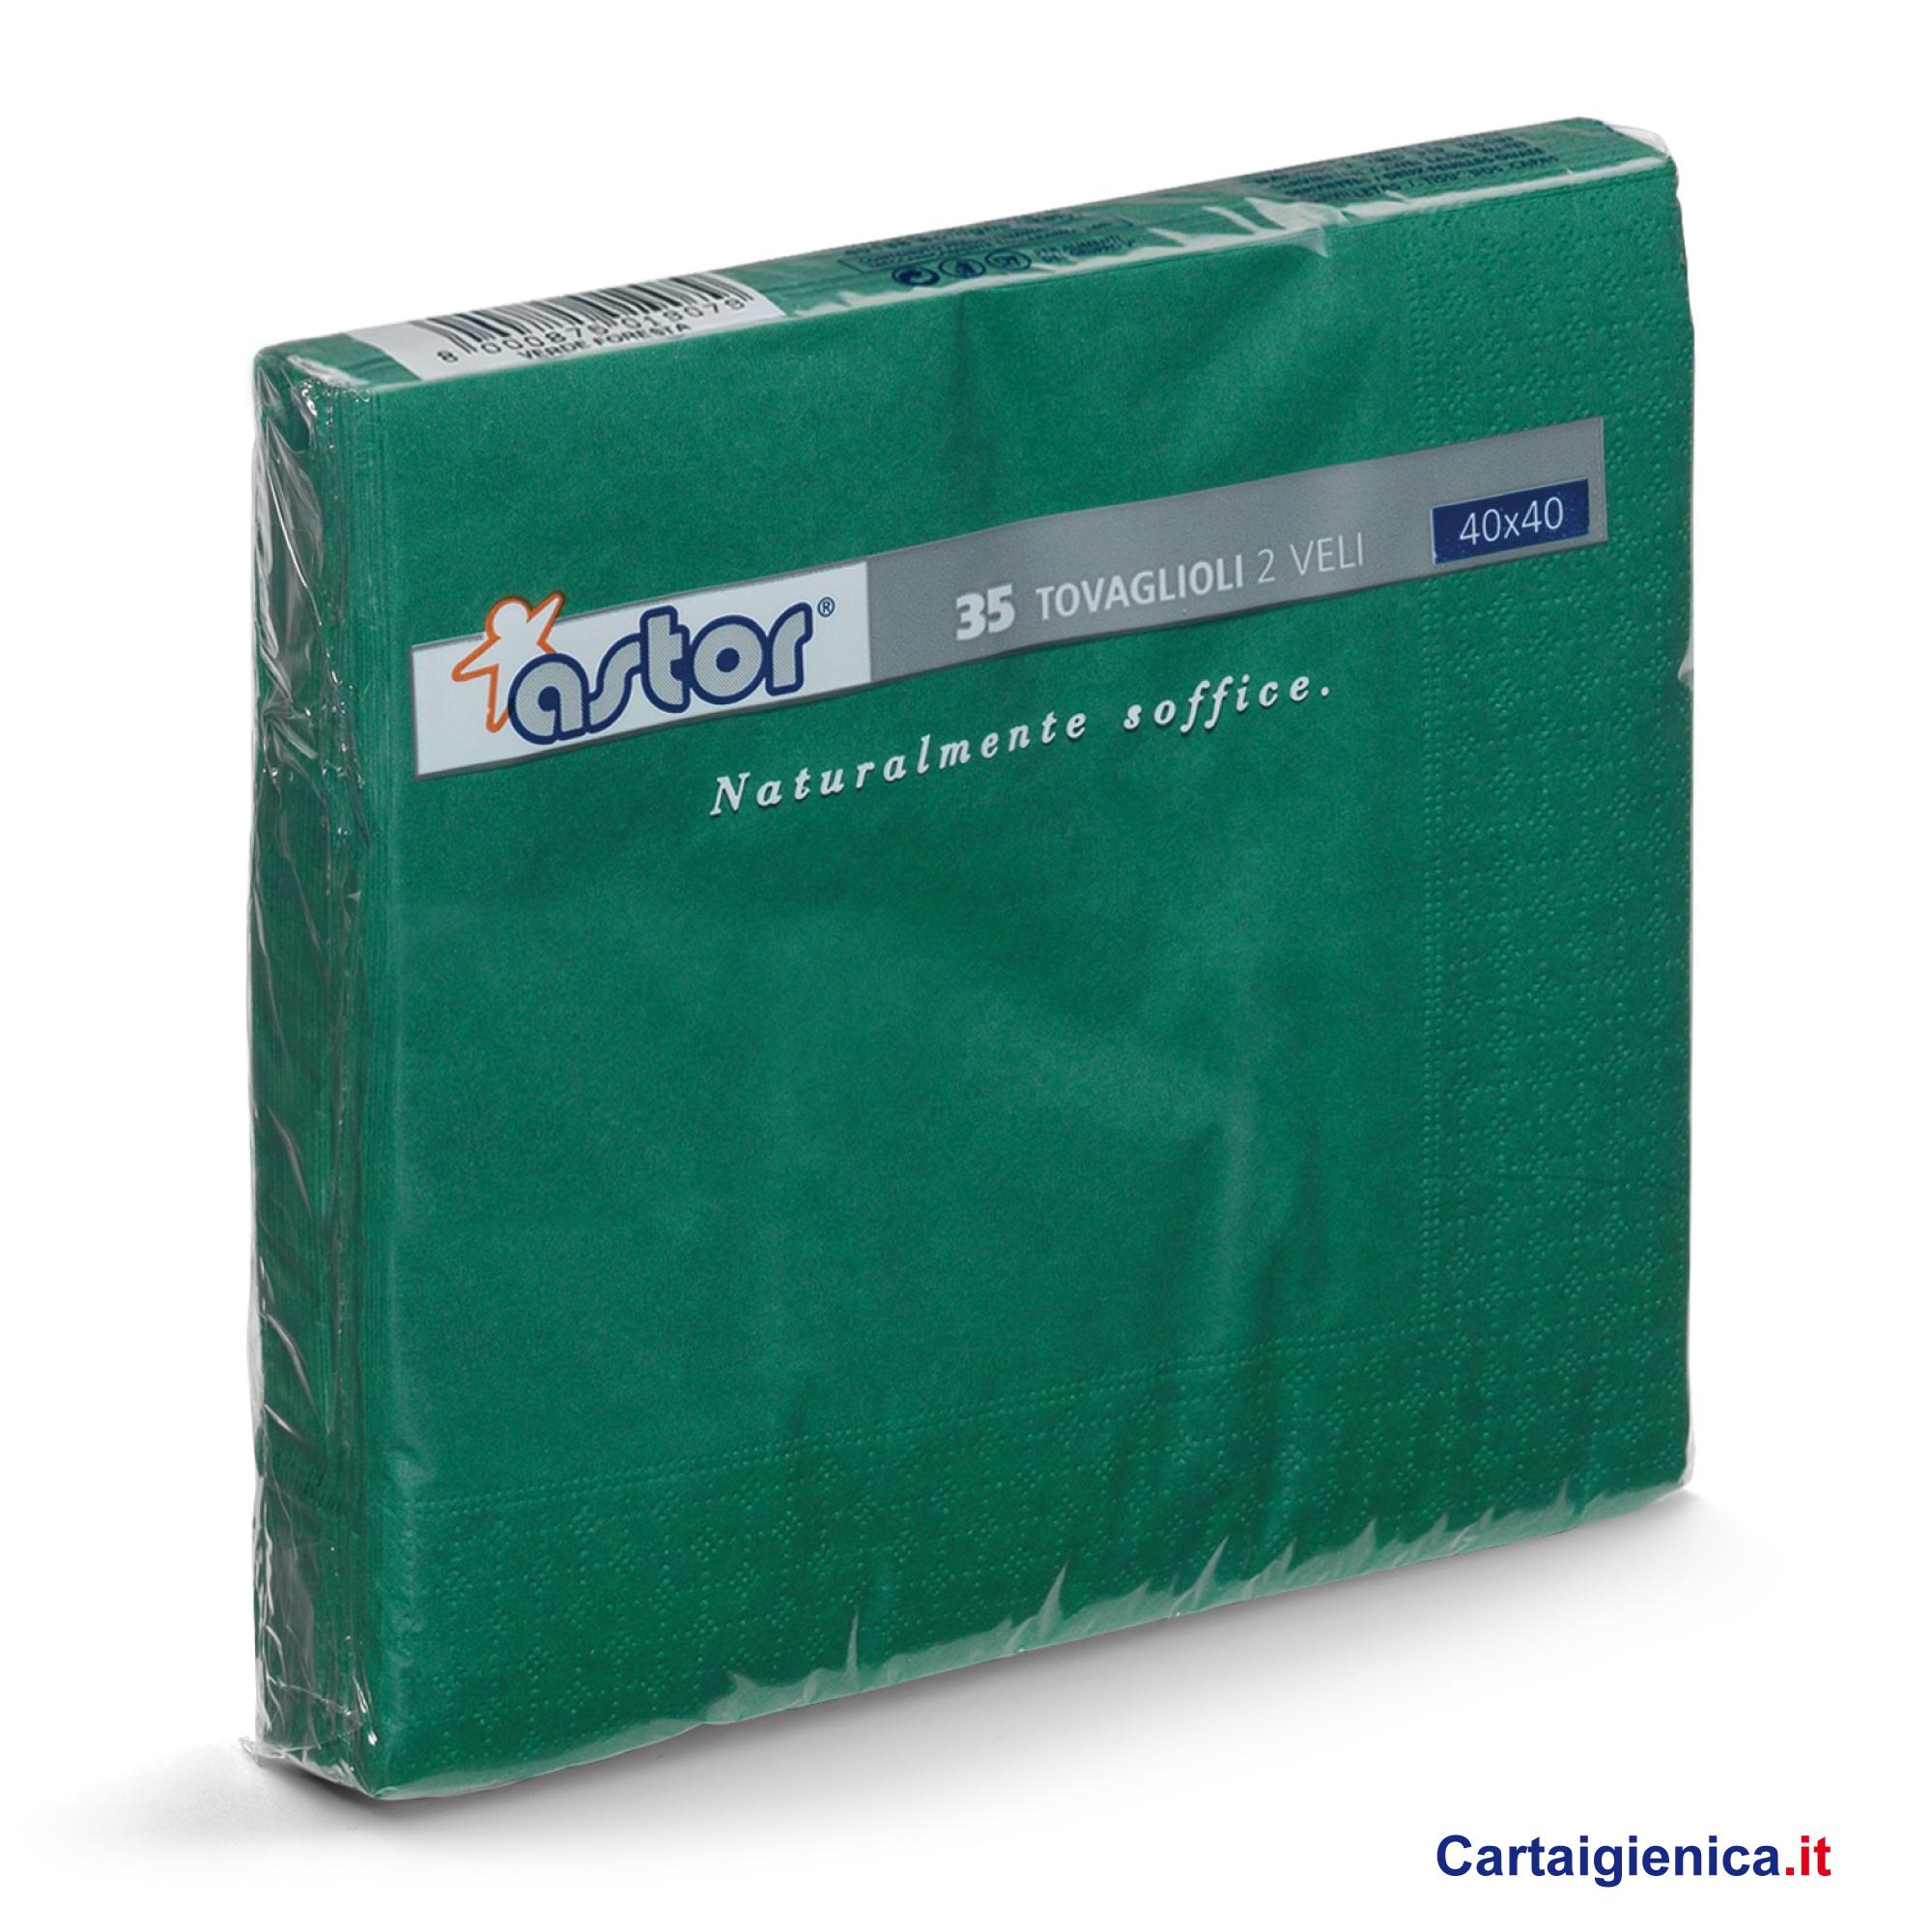 Astor 35 Tovaglioli Verde 2 veli 40x40 cm